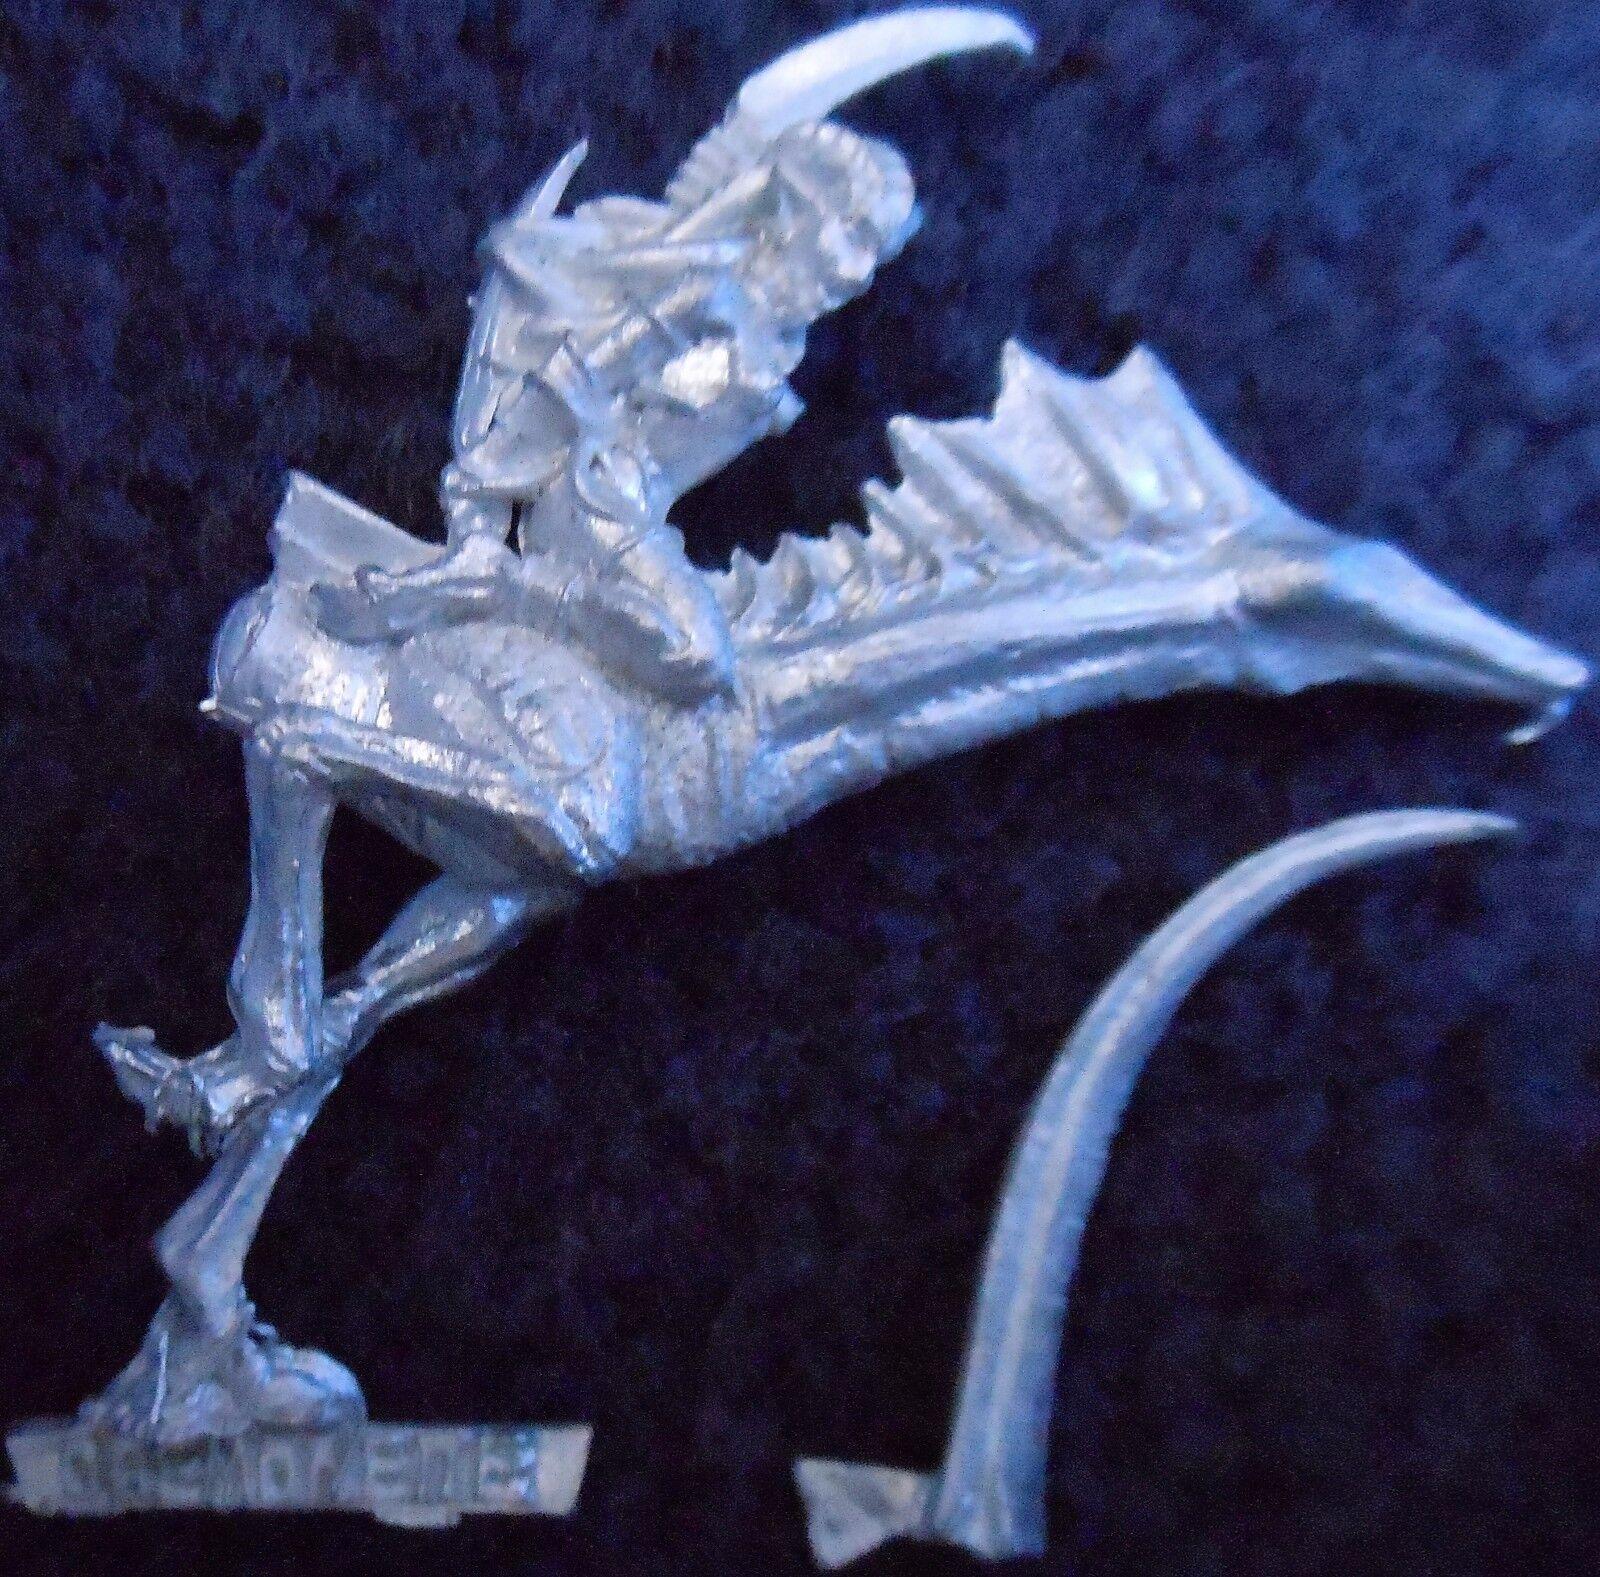 2002 Chaos Mounted Slaanesh Daemonette 4 Citadel Warhammer Demon Fiend Seeker GW